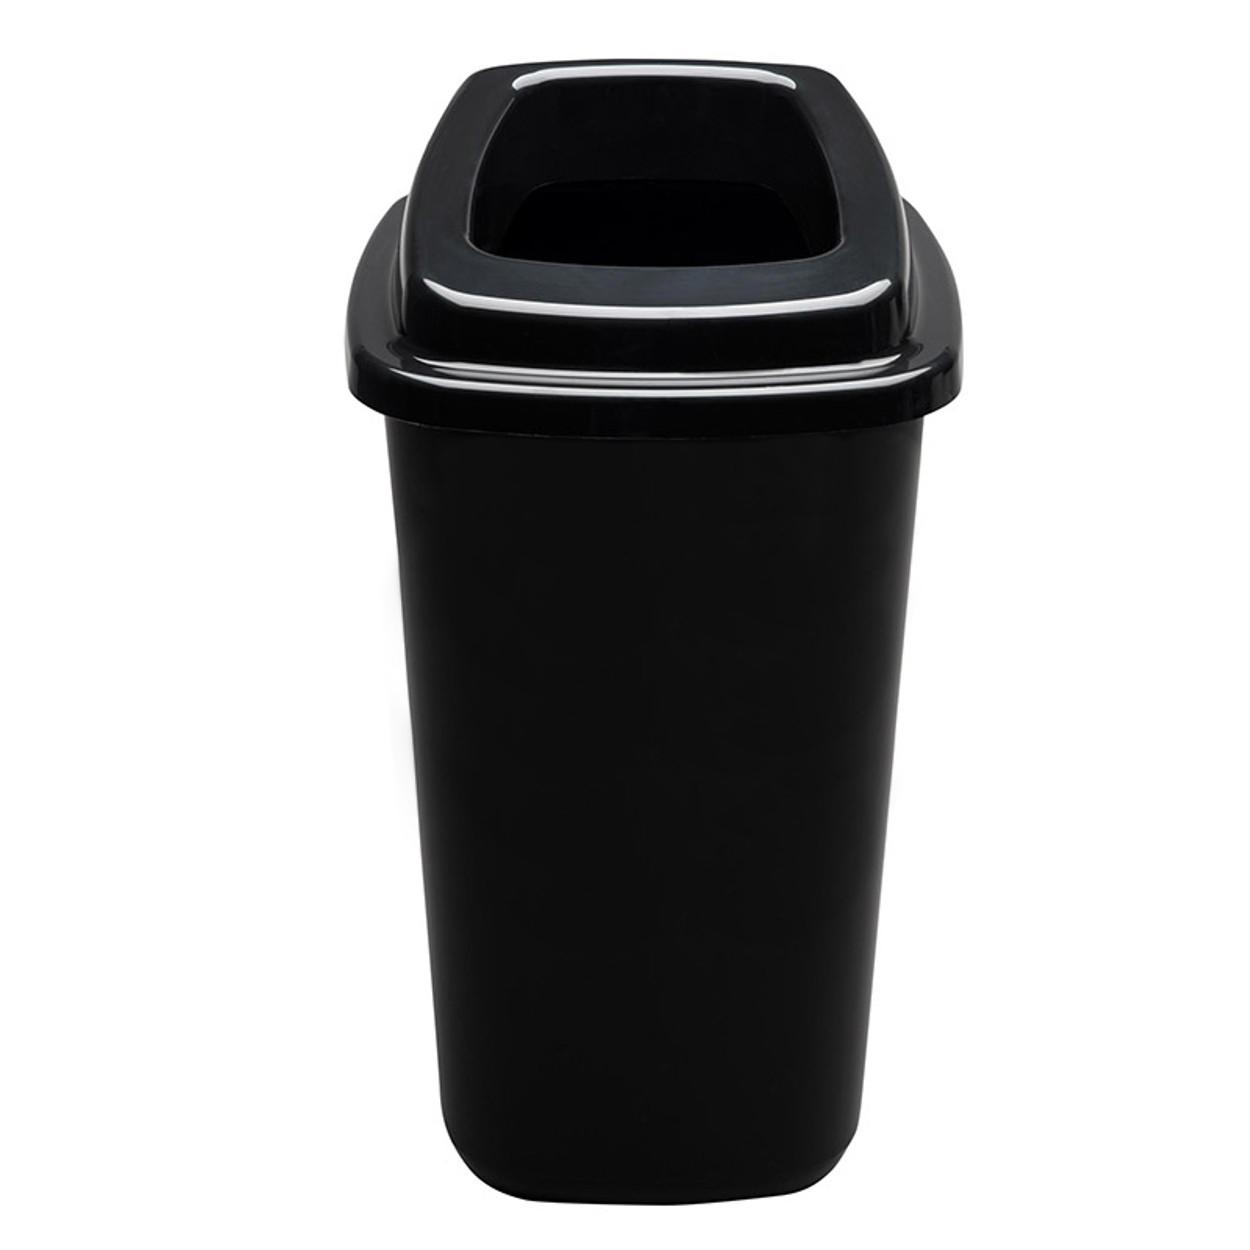 Plastový koš na tříděný odpad, 45 l, černá